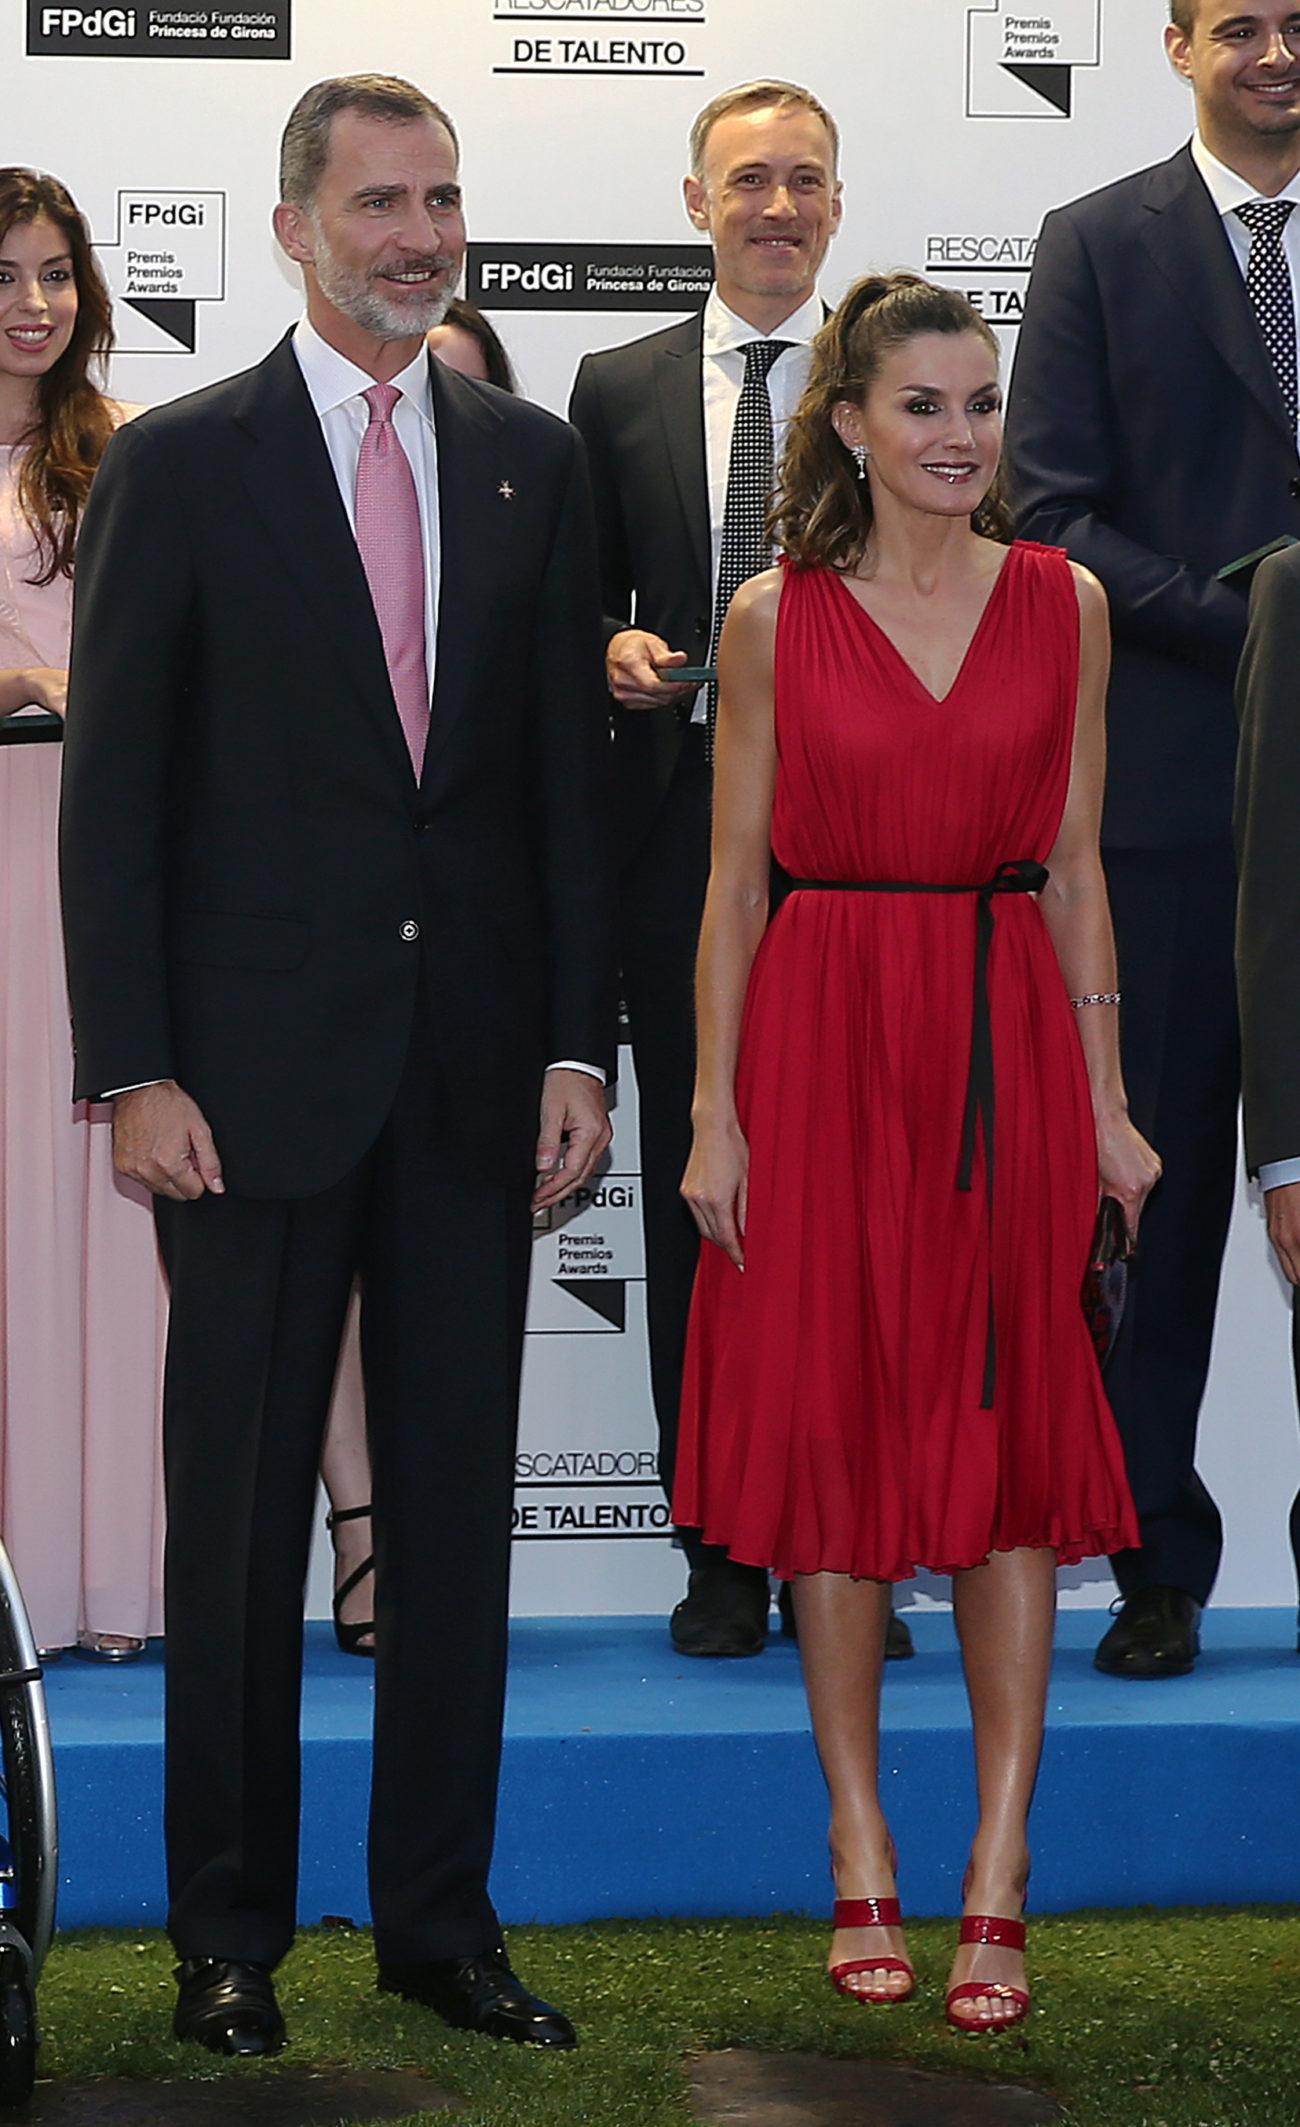 La reina Letizia posa junto al rey Felipe VI en los Premios Fundación...